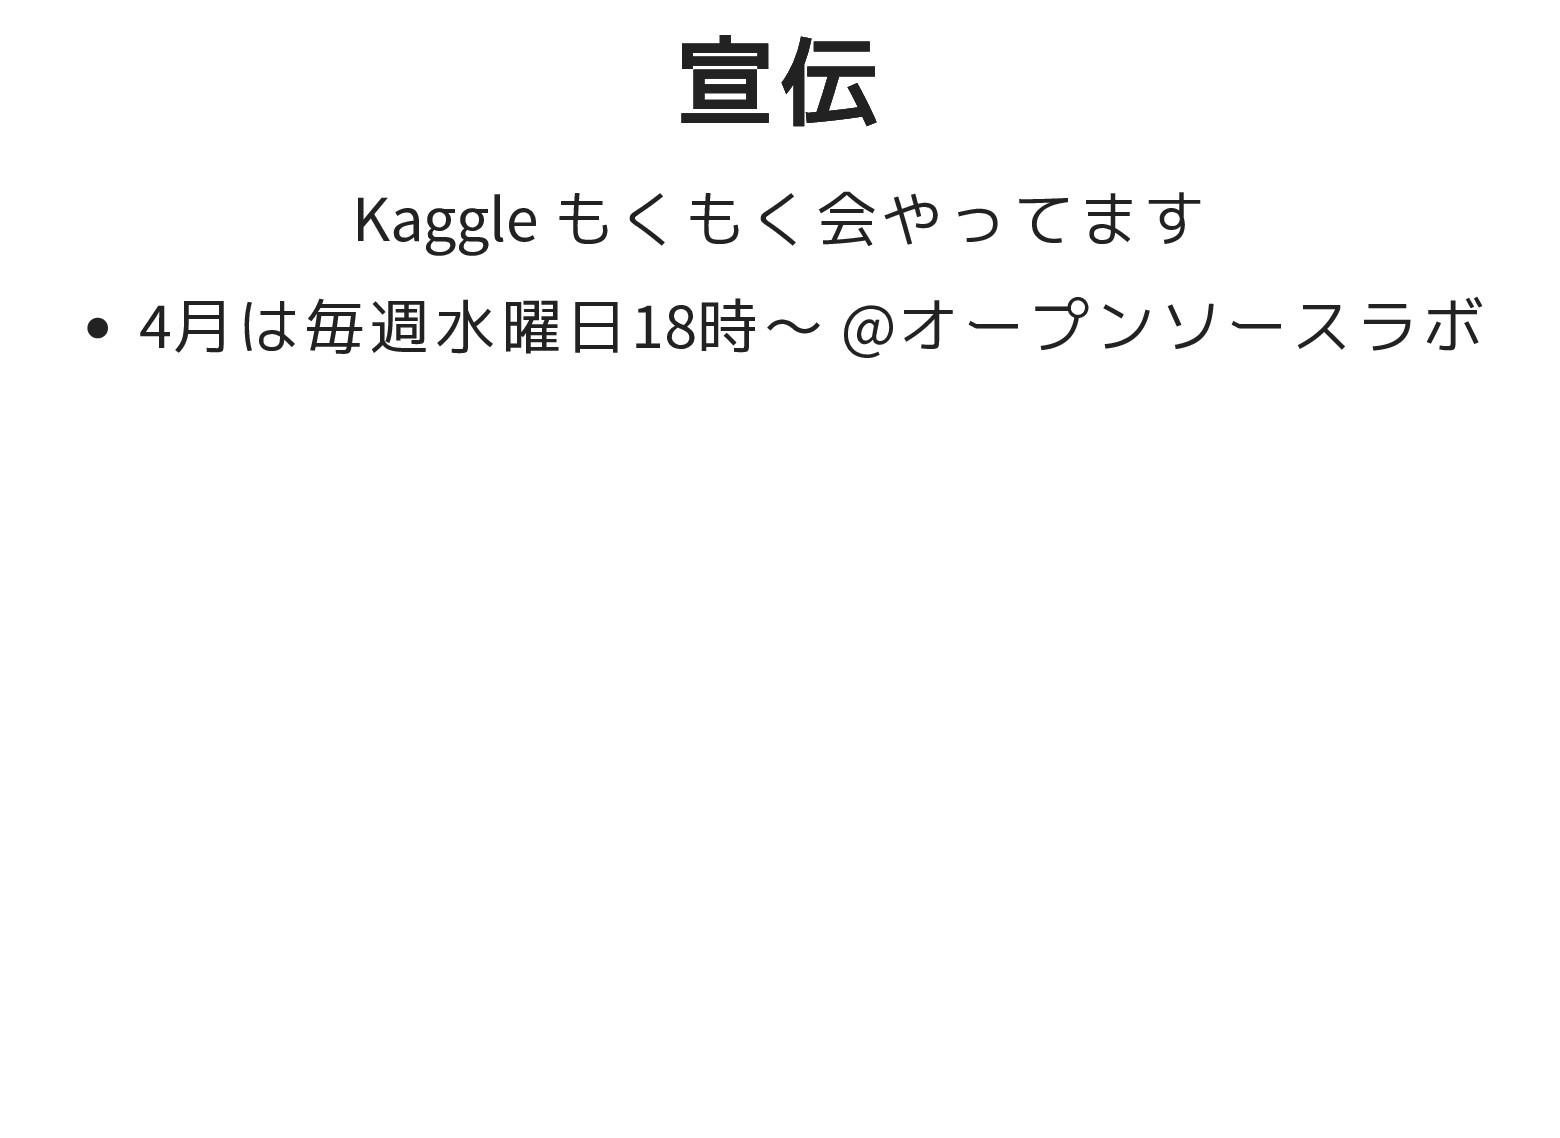 宣伝 宣伝 Kaggle もくもく会やってます 4月は毎週水曜日18時〜 @オープンソースラボ